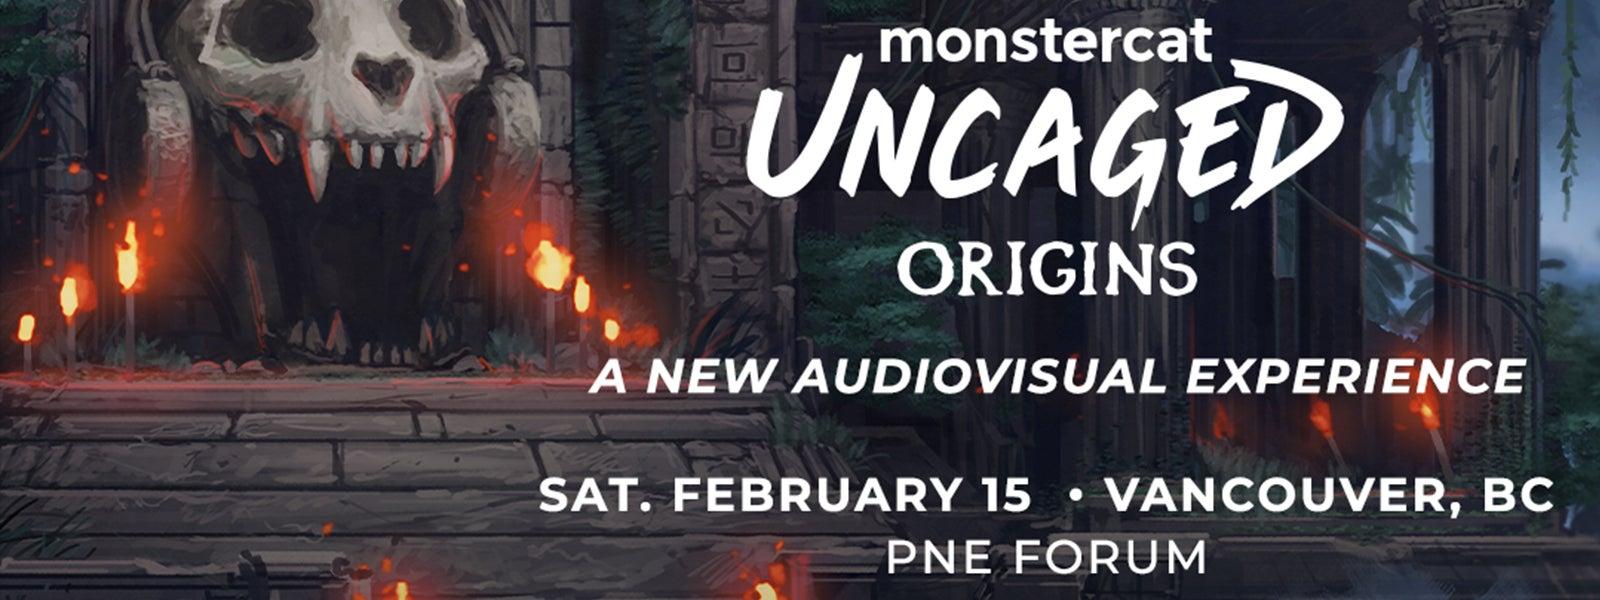 Monstercat Uncaged: Origins